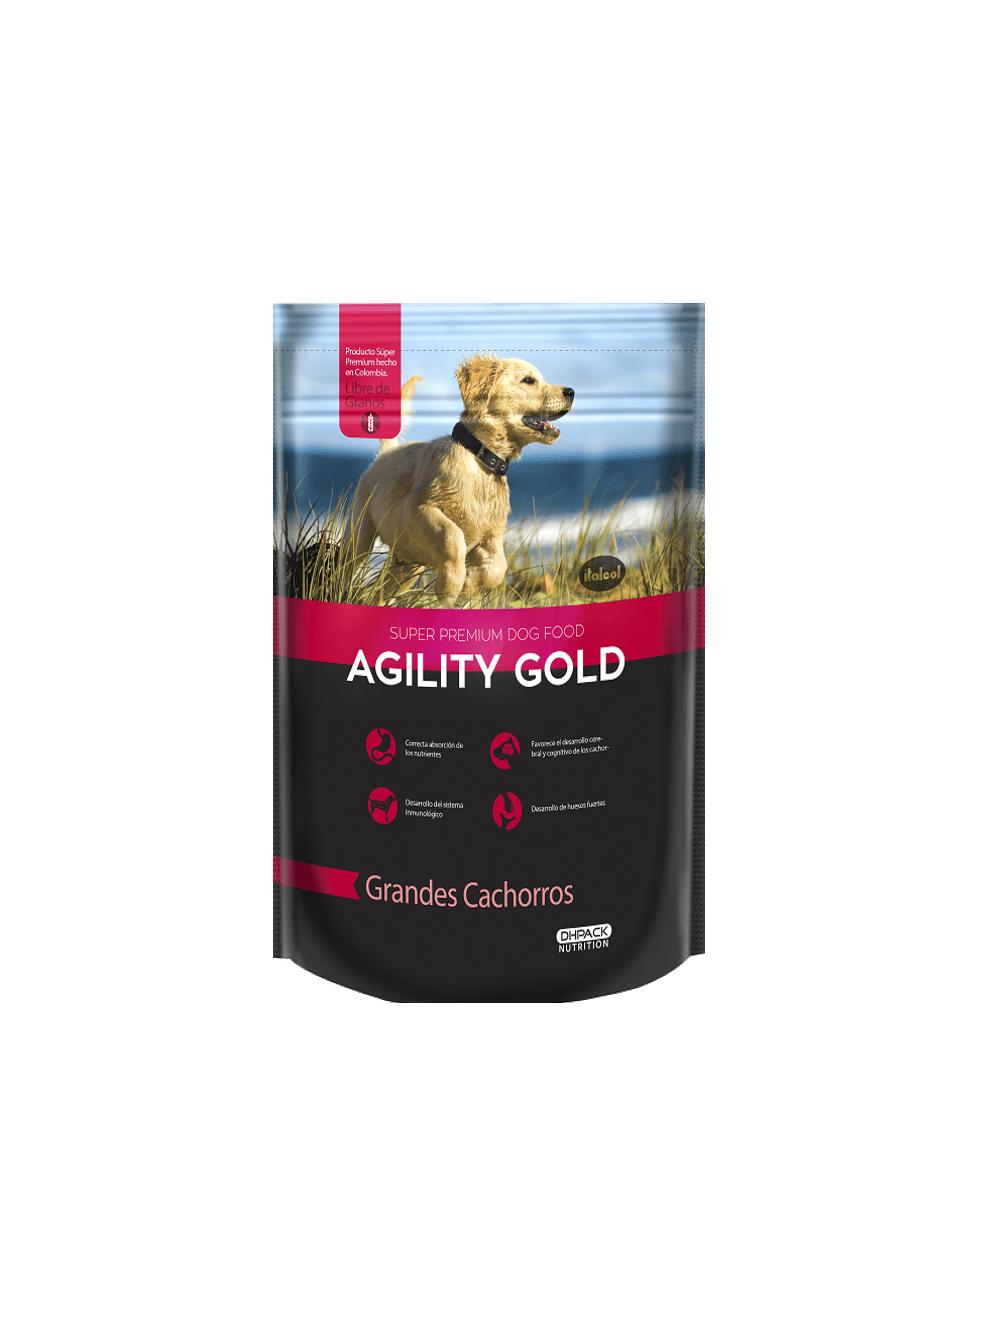 Agility Gold Grandes Cachorros - Ciudaddemascotas.com